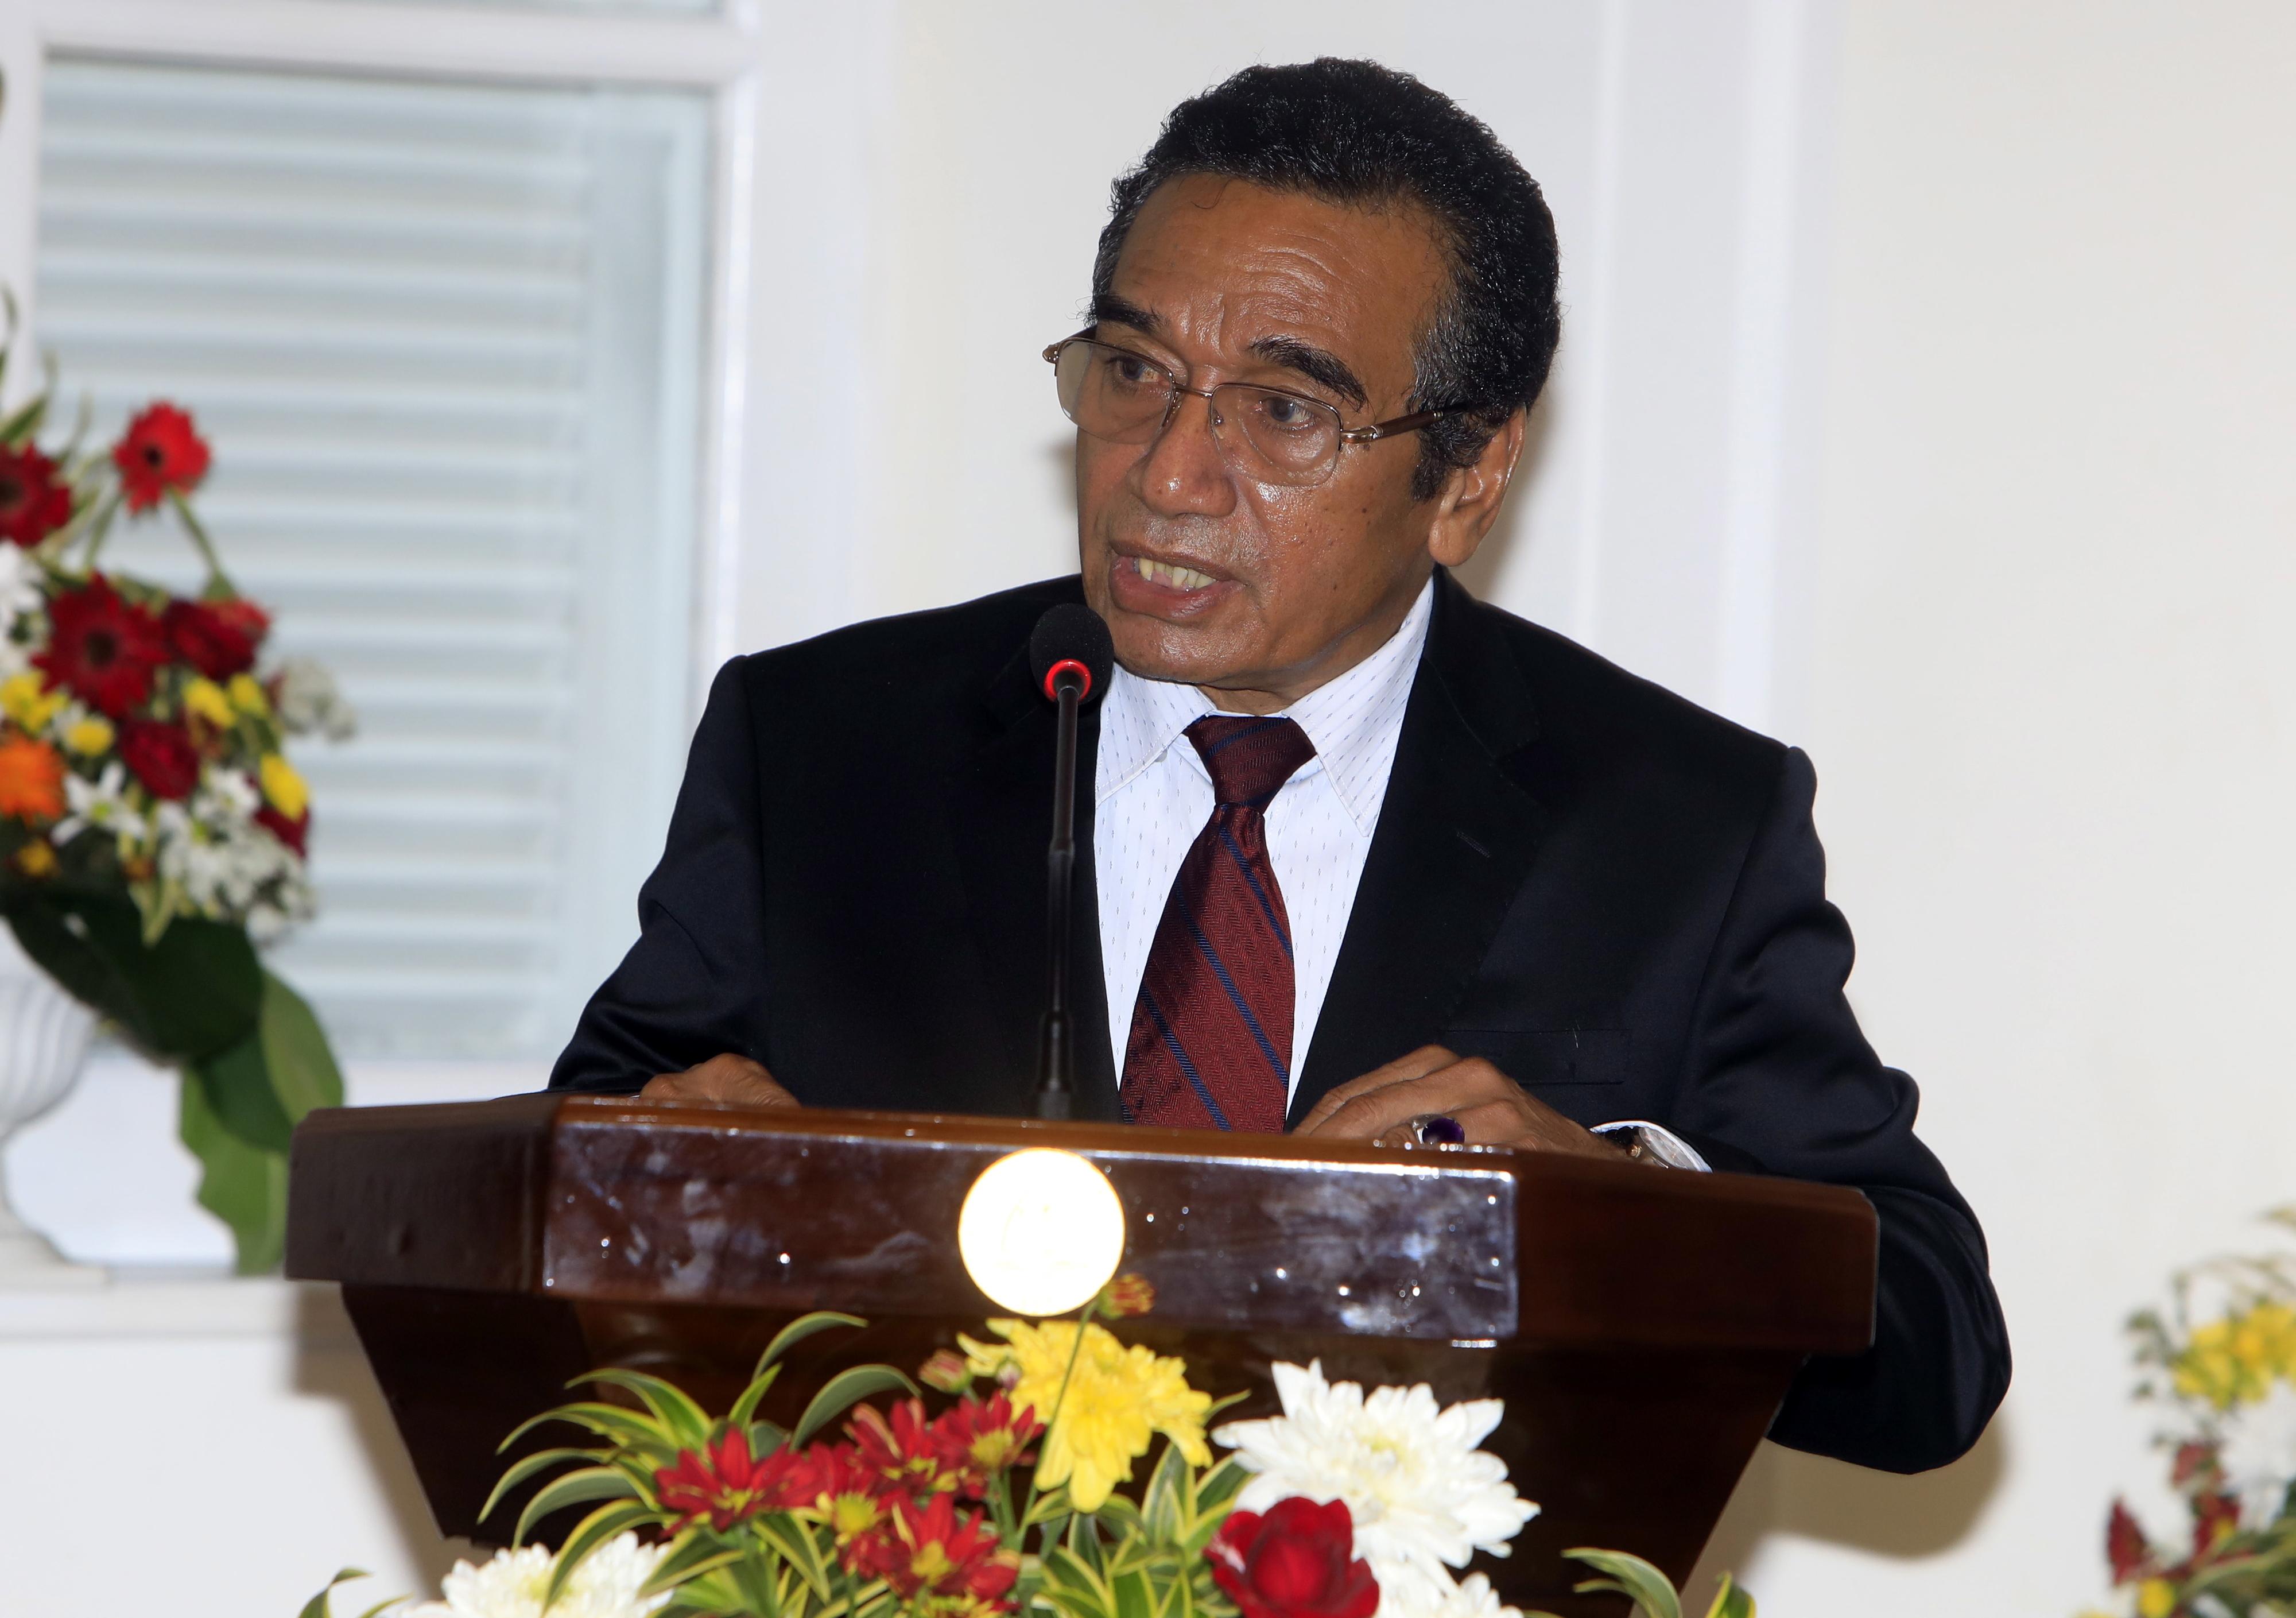 PR timorense expressa pesar e reconhecimento pelo trabalho de Max Stahl por Timor-Leste